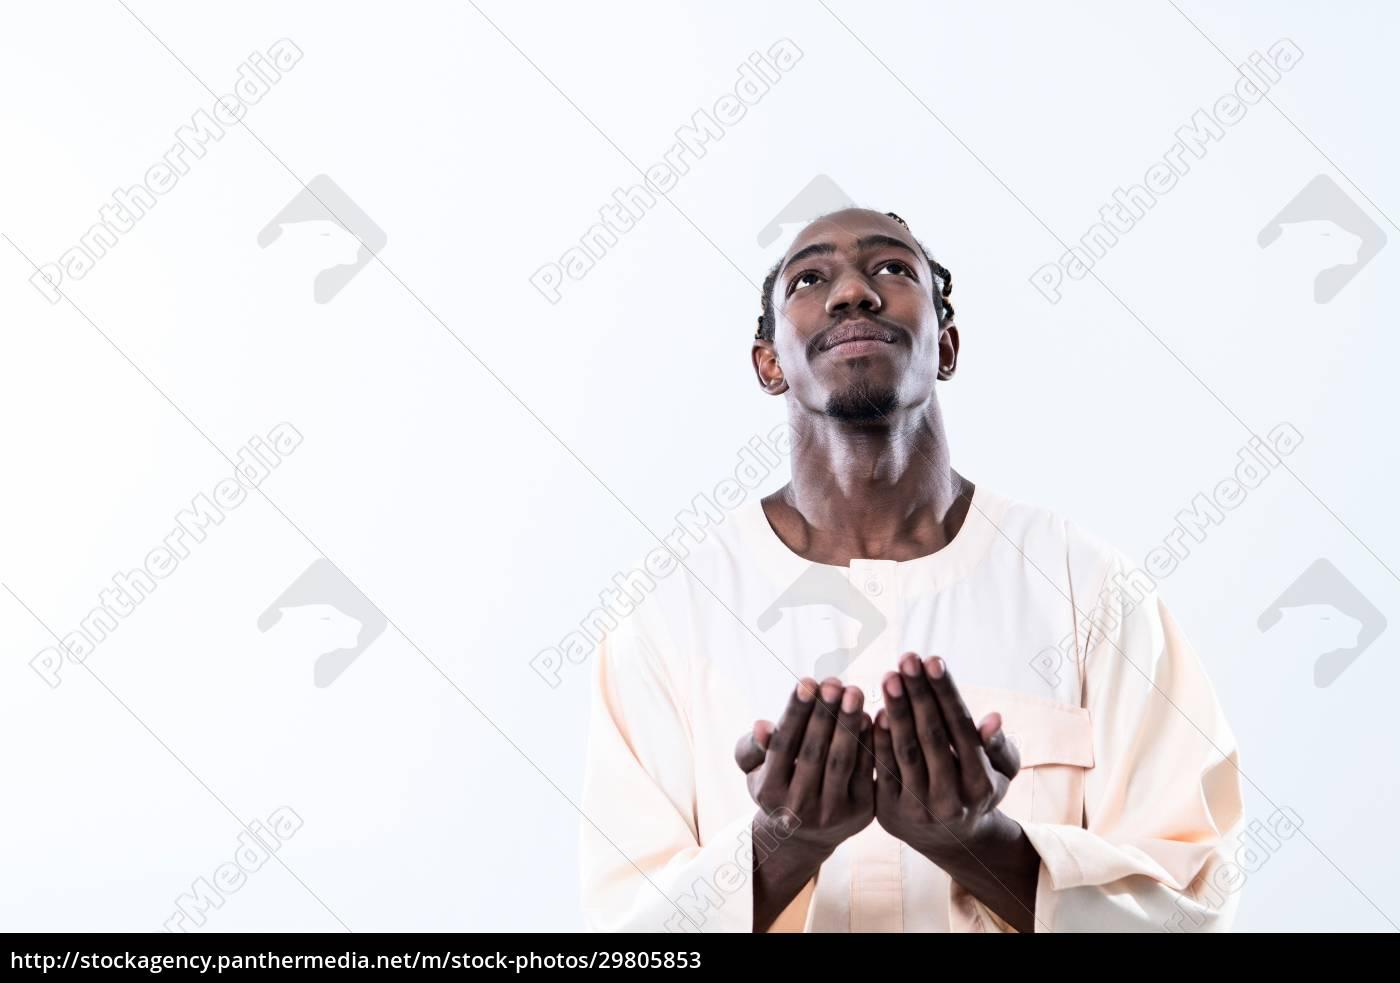 african, man, pray, to, allah - 29805853